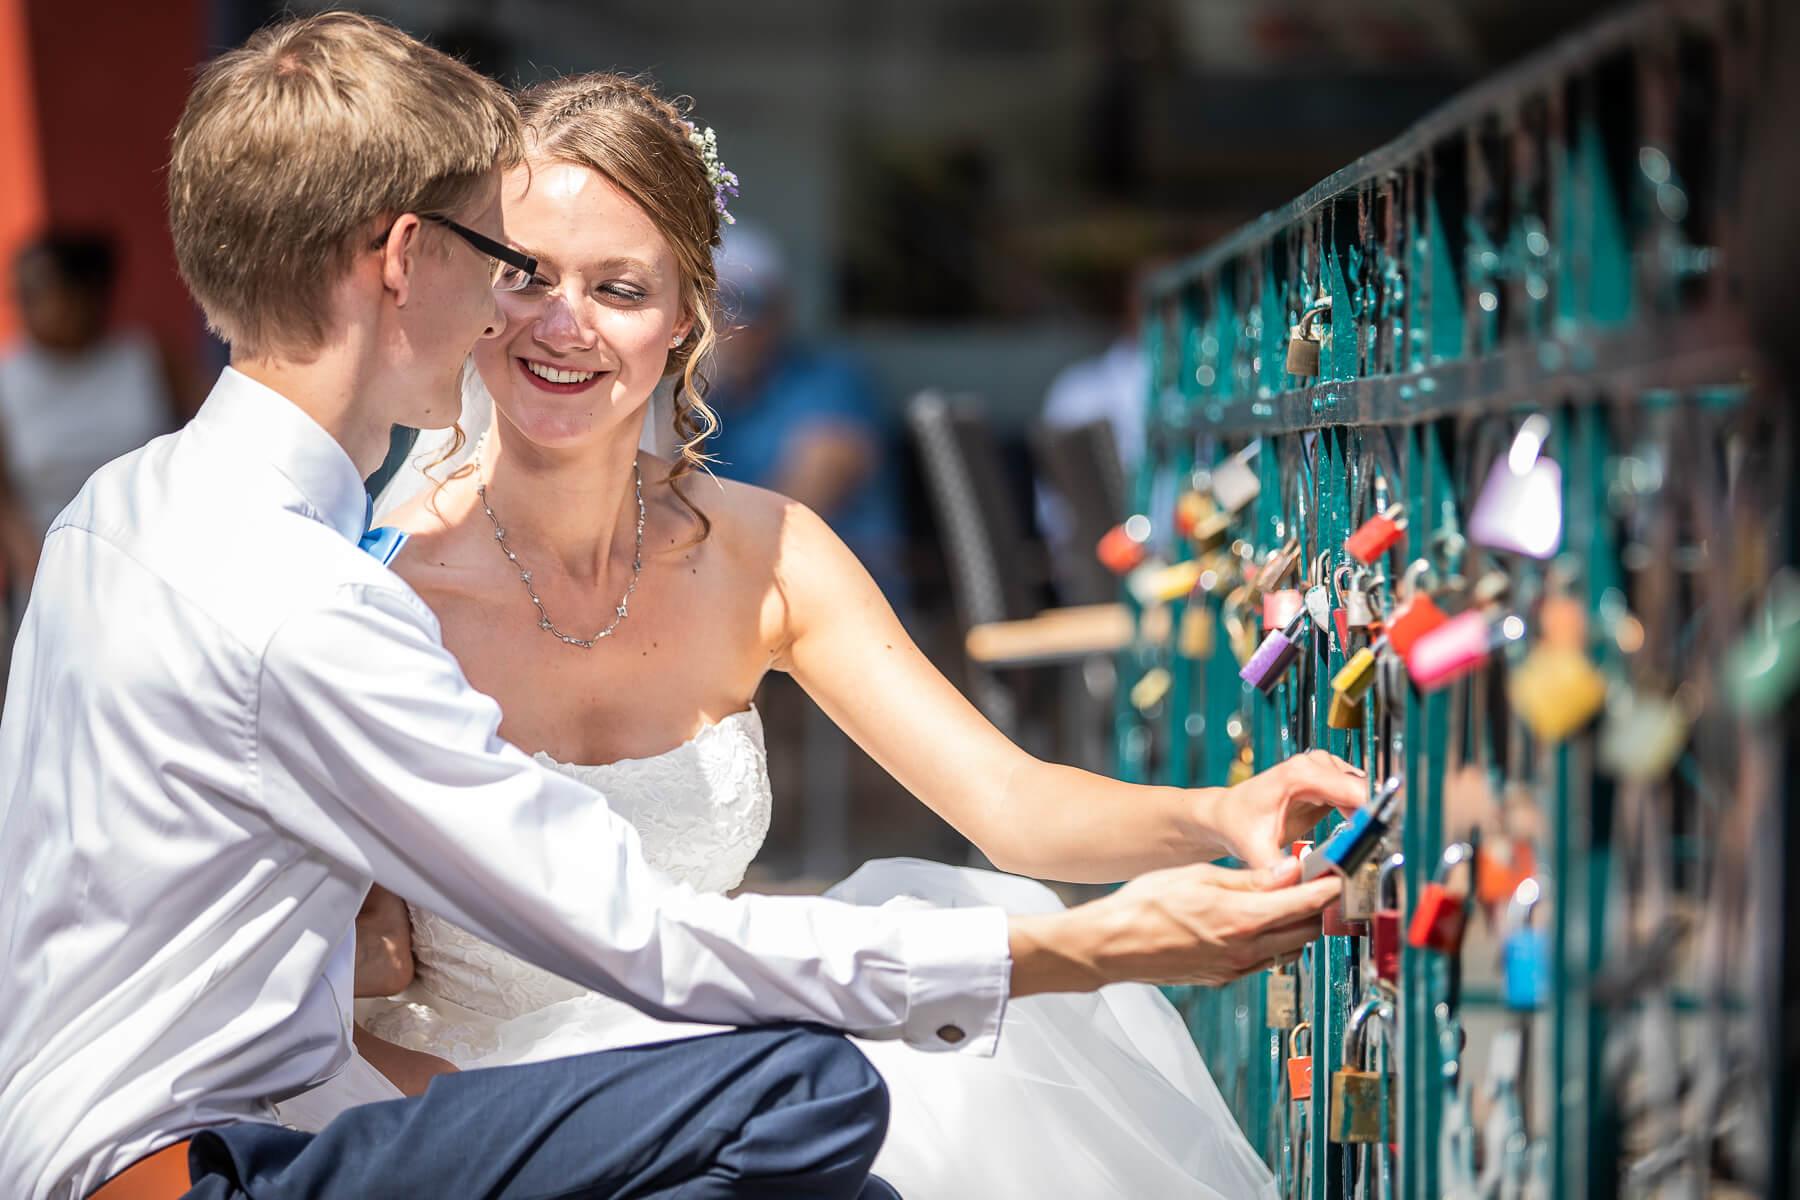 Hochzeitsreportage  Fotograf  Hochzeit  Standesamt  Bad Münstereifel 04